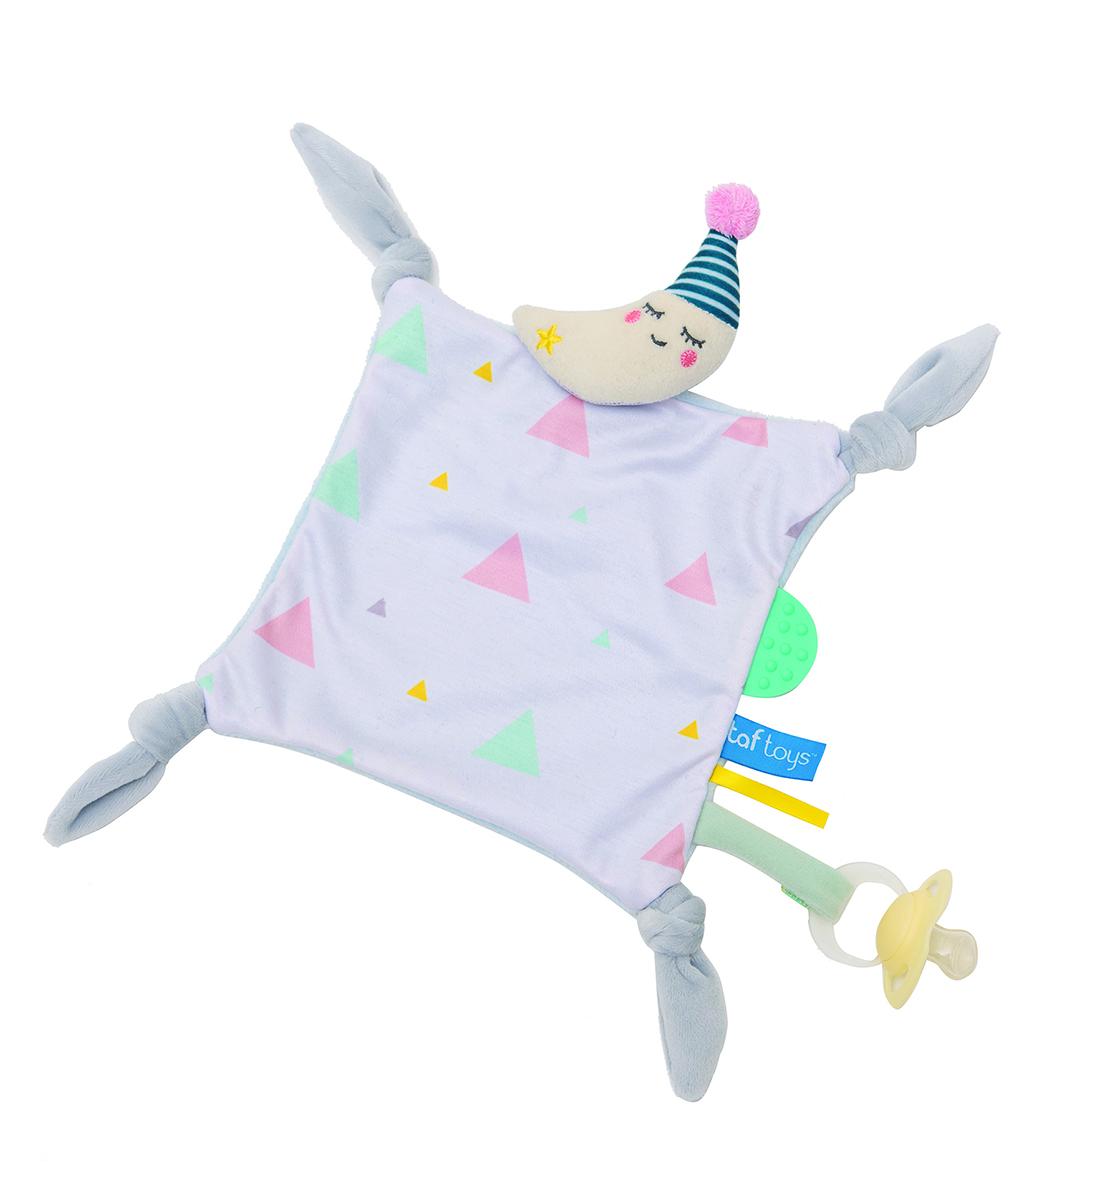 Taf Toys Easier Sleep Mini Moon Blankie